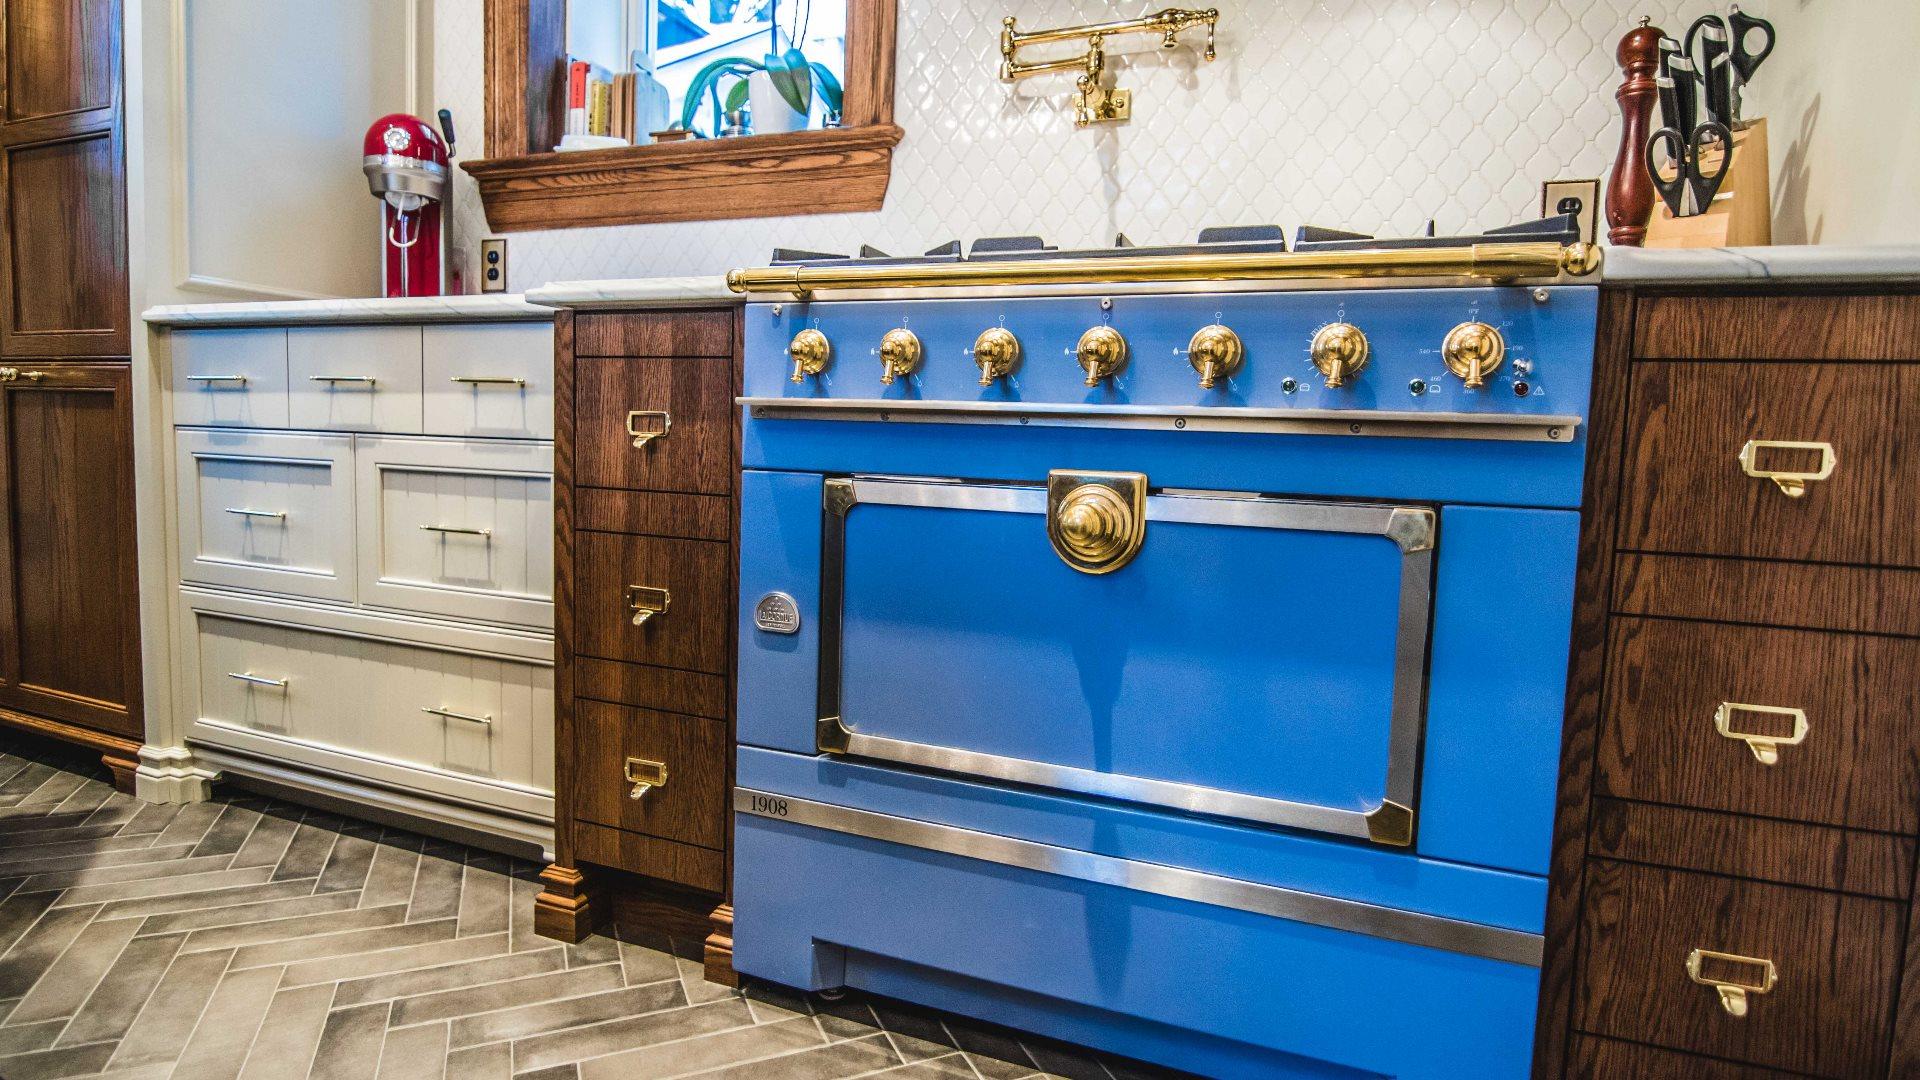 Cuisine classique aux armoires de cuisine en chêne. Un imposant four de couleur bleue est intégré à l'ensemble.